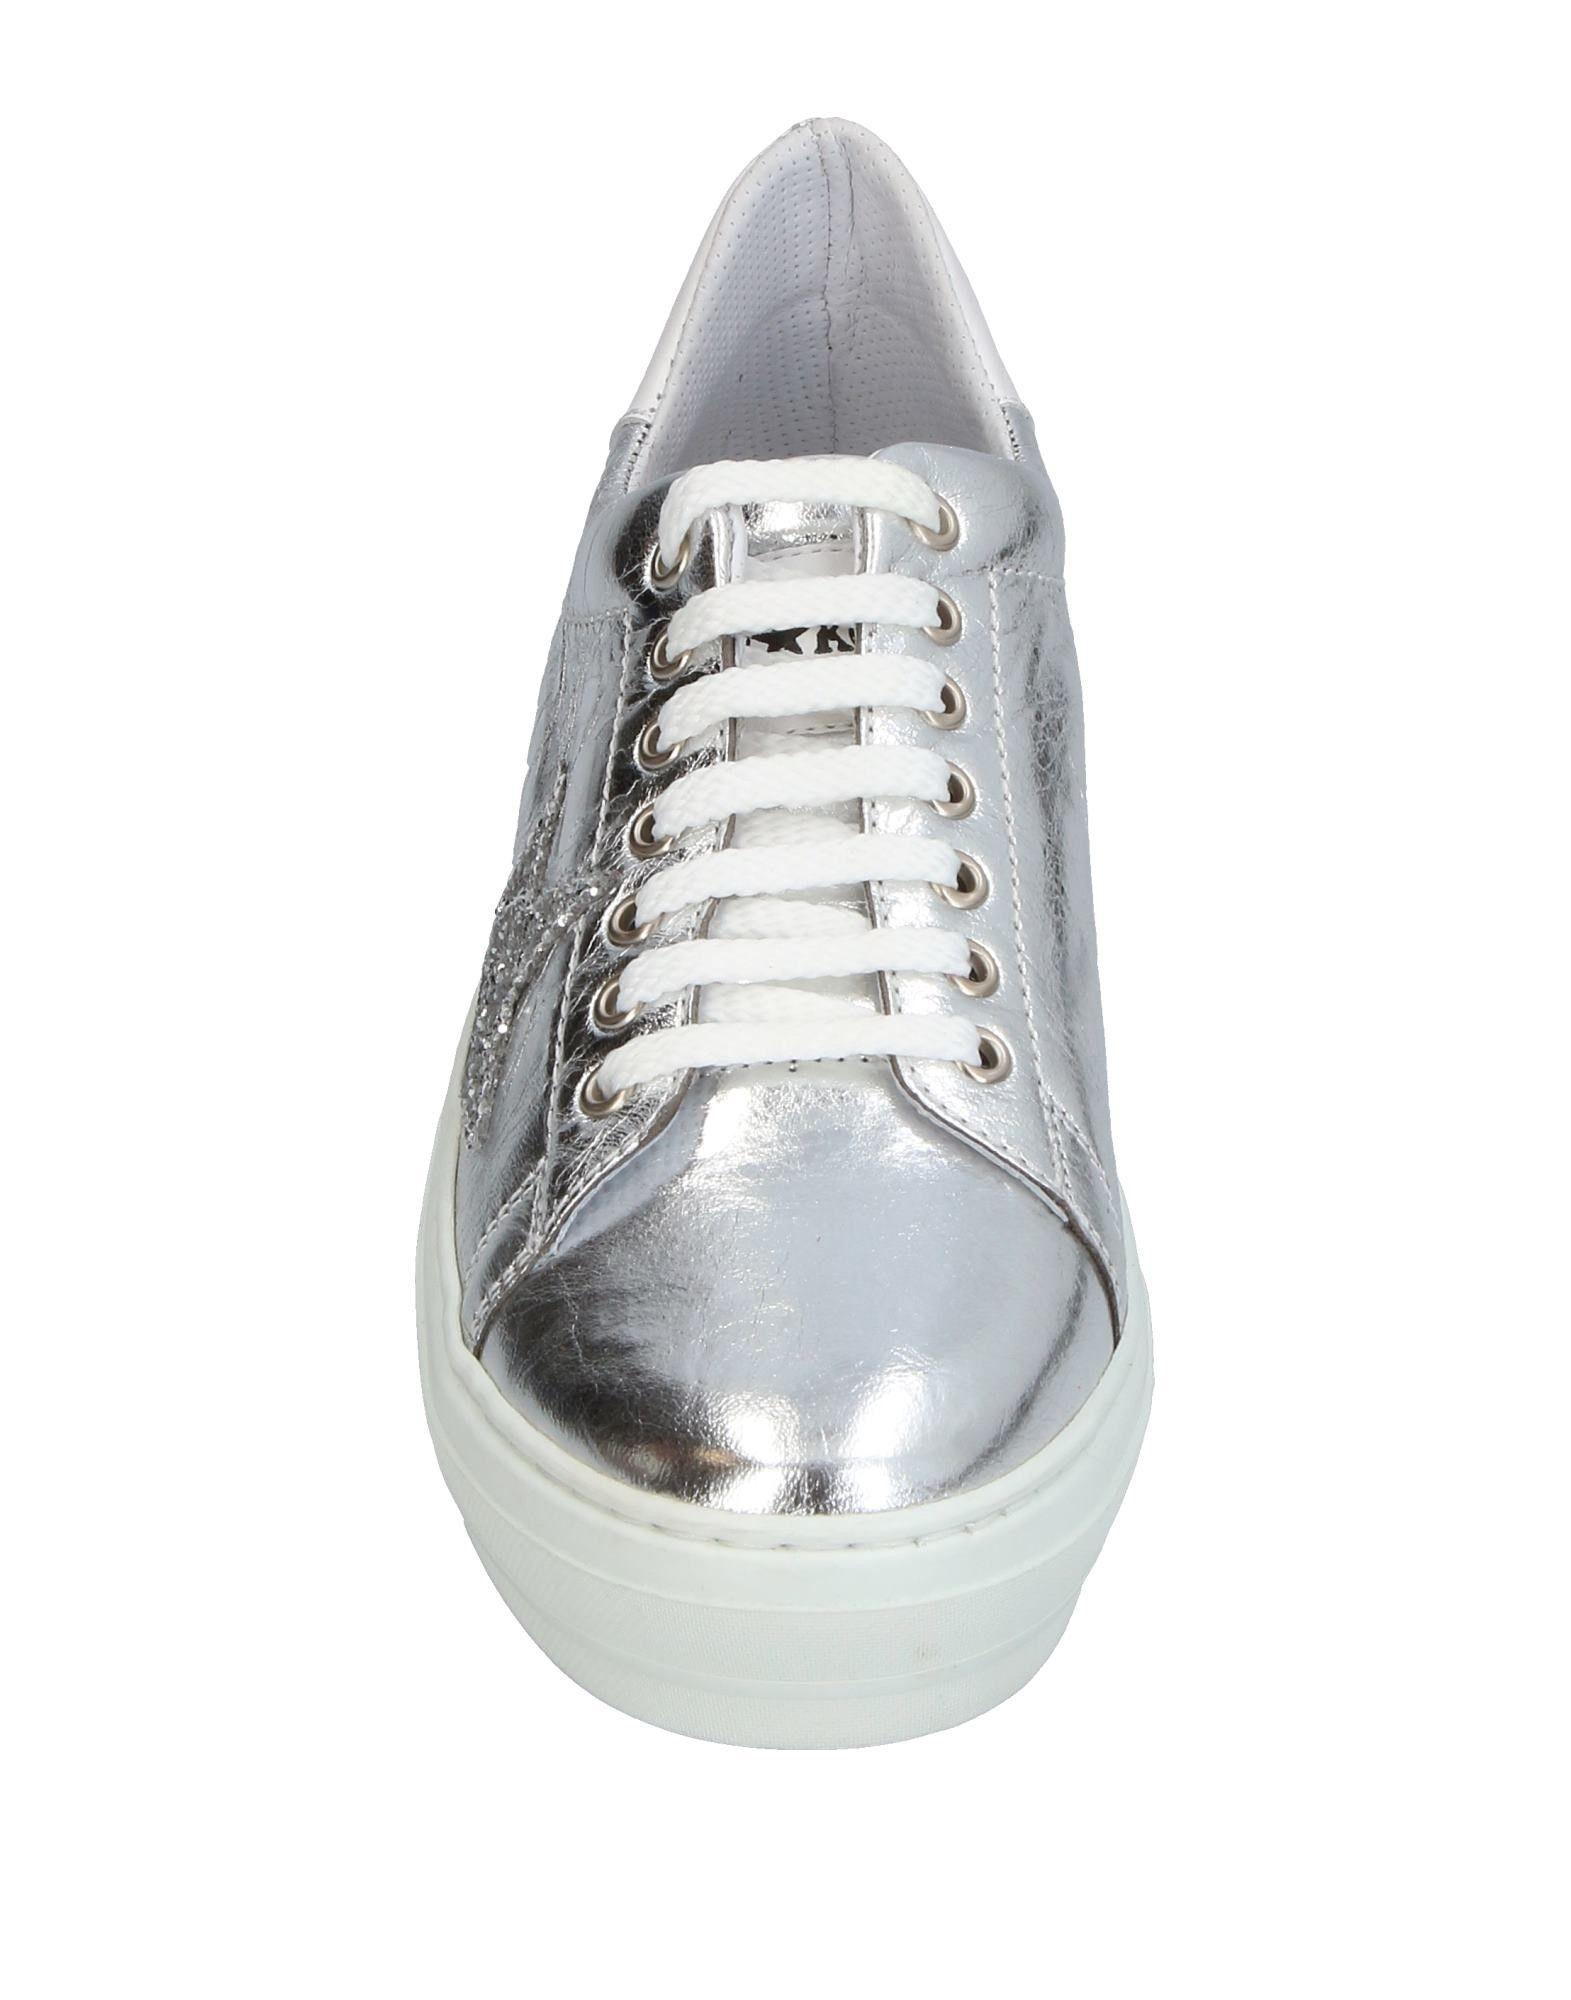 Sneakers Rep★Ko Femme - Sneakers Rep★Ko sur